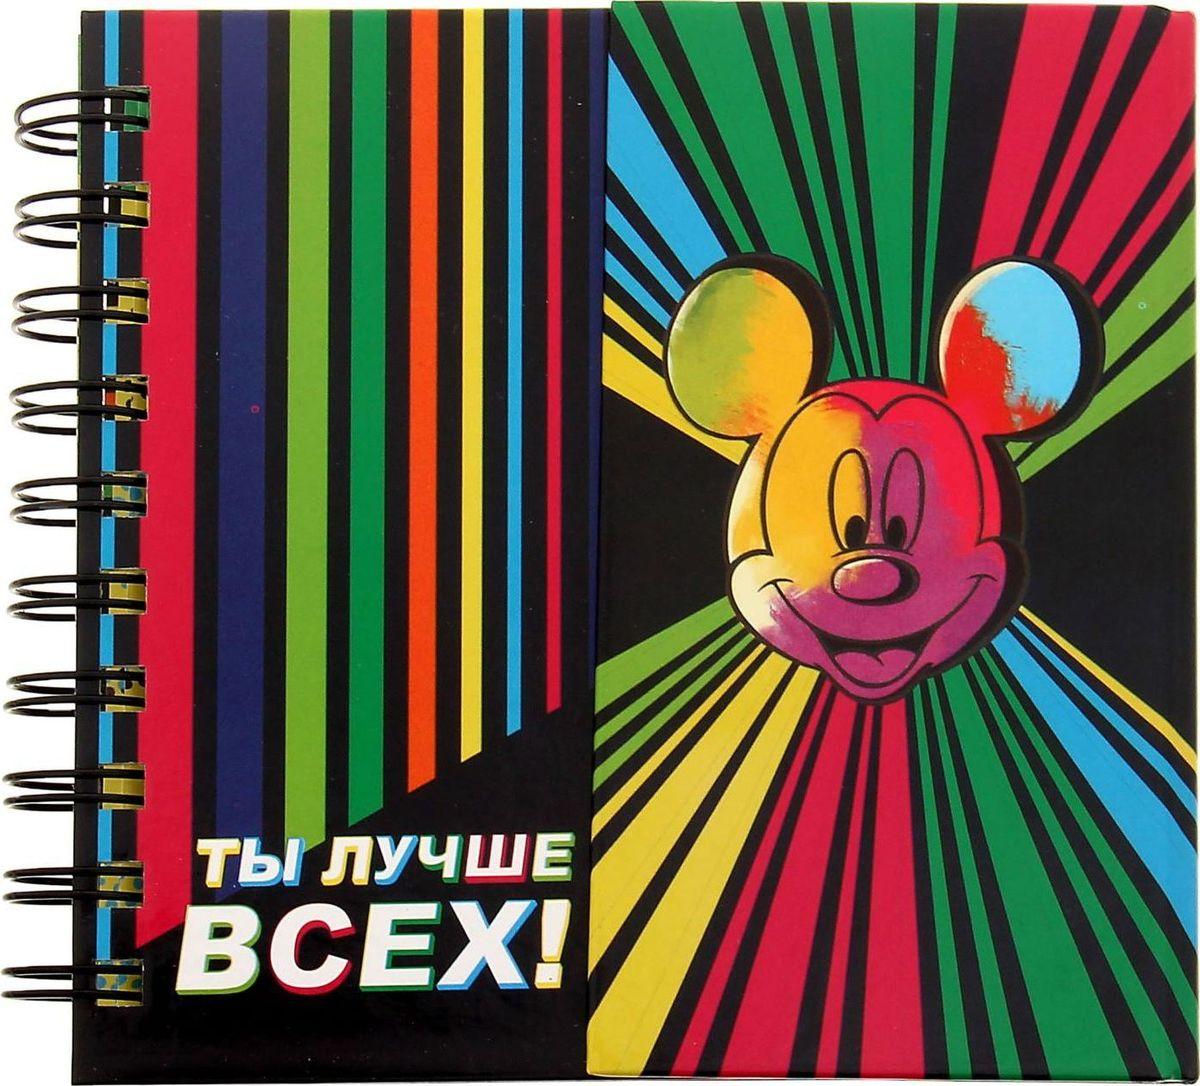 Disney Блокнот Микки Маус Ты лучше всех 60 листов1224176Товары Disney для ярких идей! сохранит идеи и важнейшие заметки. Твердая обложка с красочными, оригинальными рисунками не даст разлинованным листочкам помяться или потеряться. Форзацы украшены стильными рисунками, которые день за днем будут поднимать настроение юному владельцу. Оригинальный блокнотик закрывается на магнит, который не дает изделию открыться в сумке или рюкзаке. Делайте заметки, составляйте списки дел или покупок, рисуйте или записывайте важную информацию, с героями Disney все веселей!